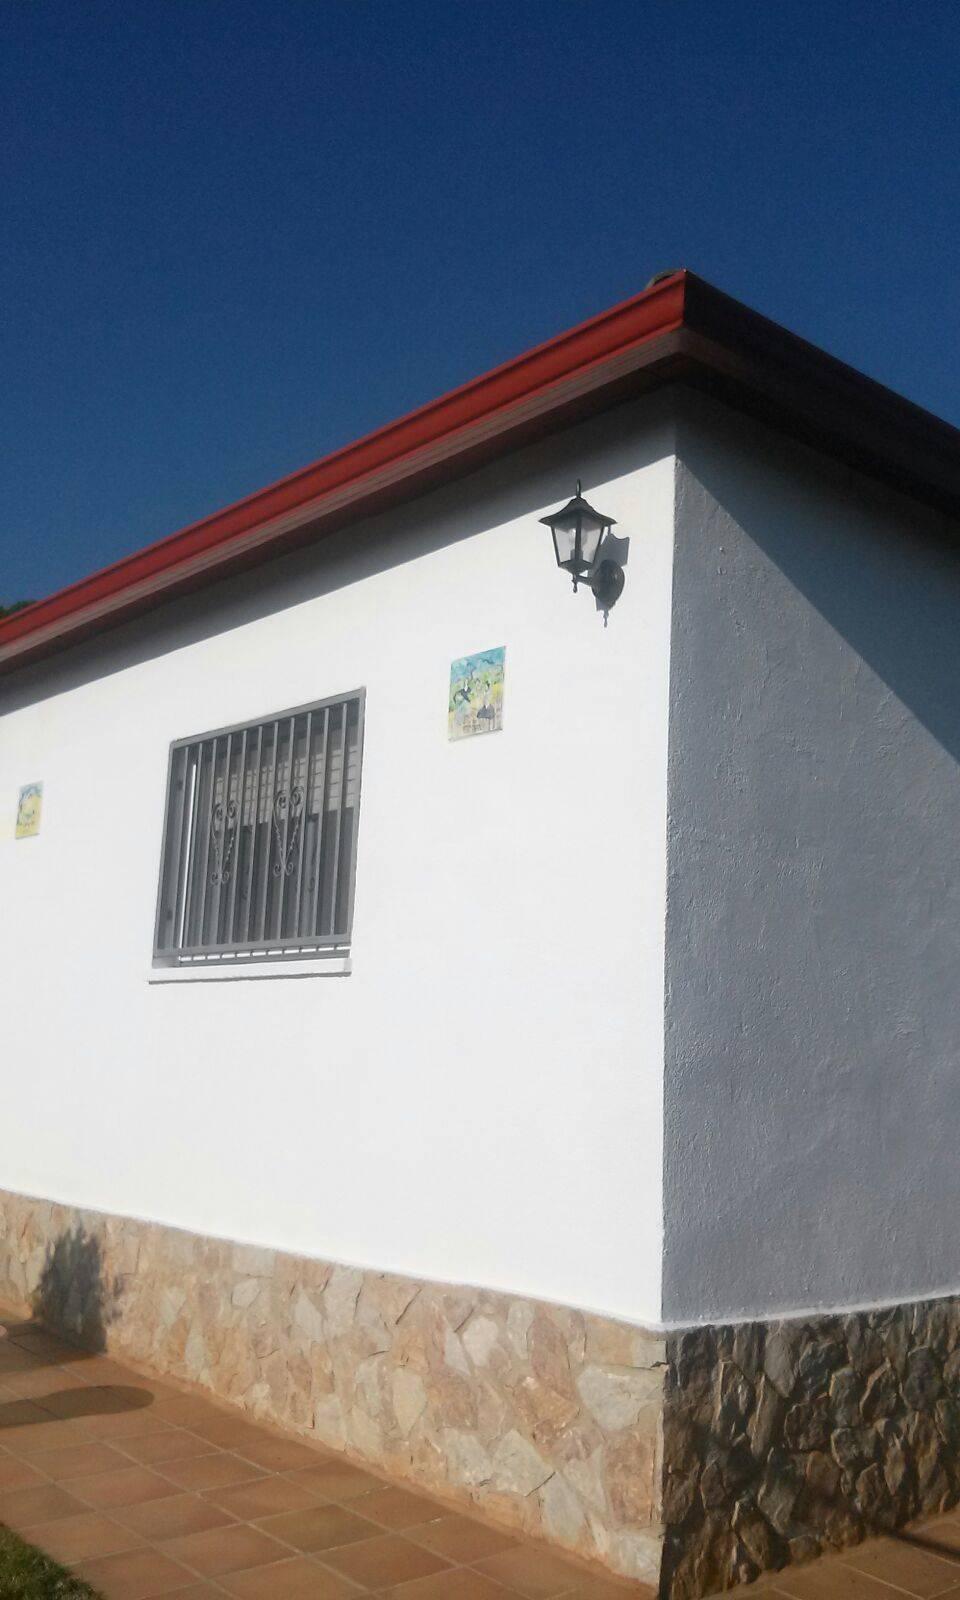 Cansat de sempre el mateix? Mira aquesta casa a dos colors!